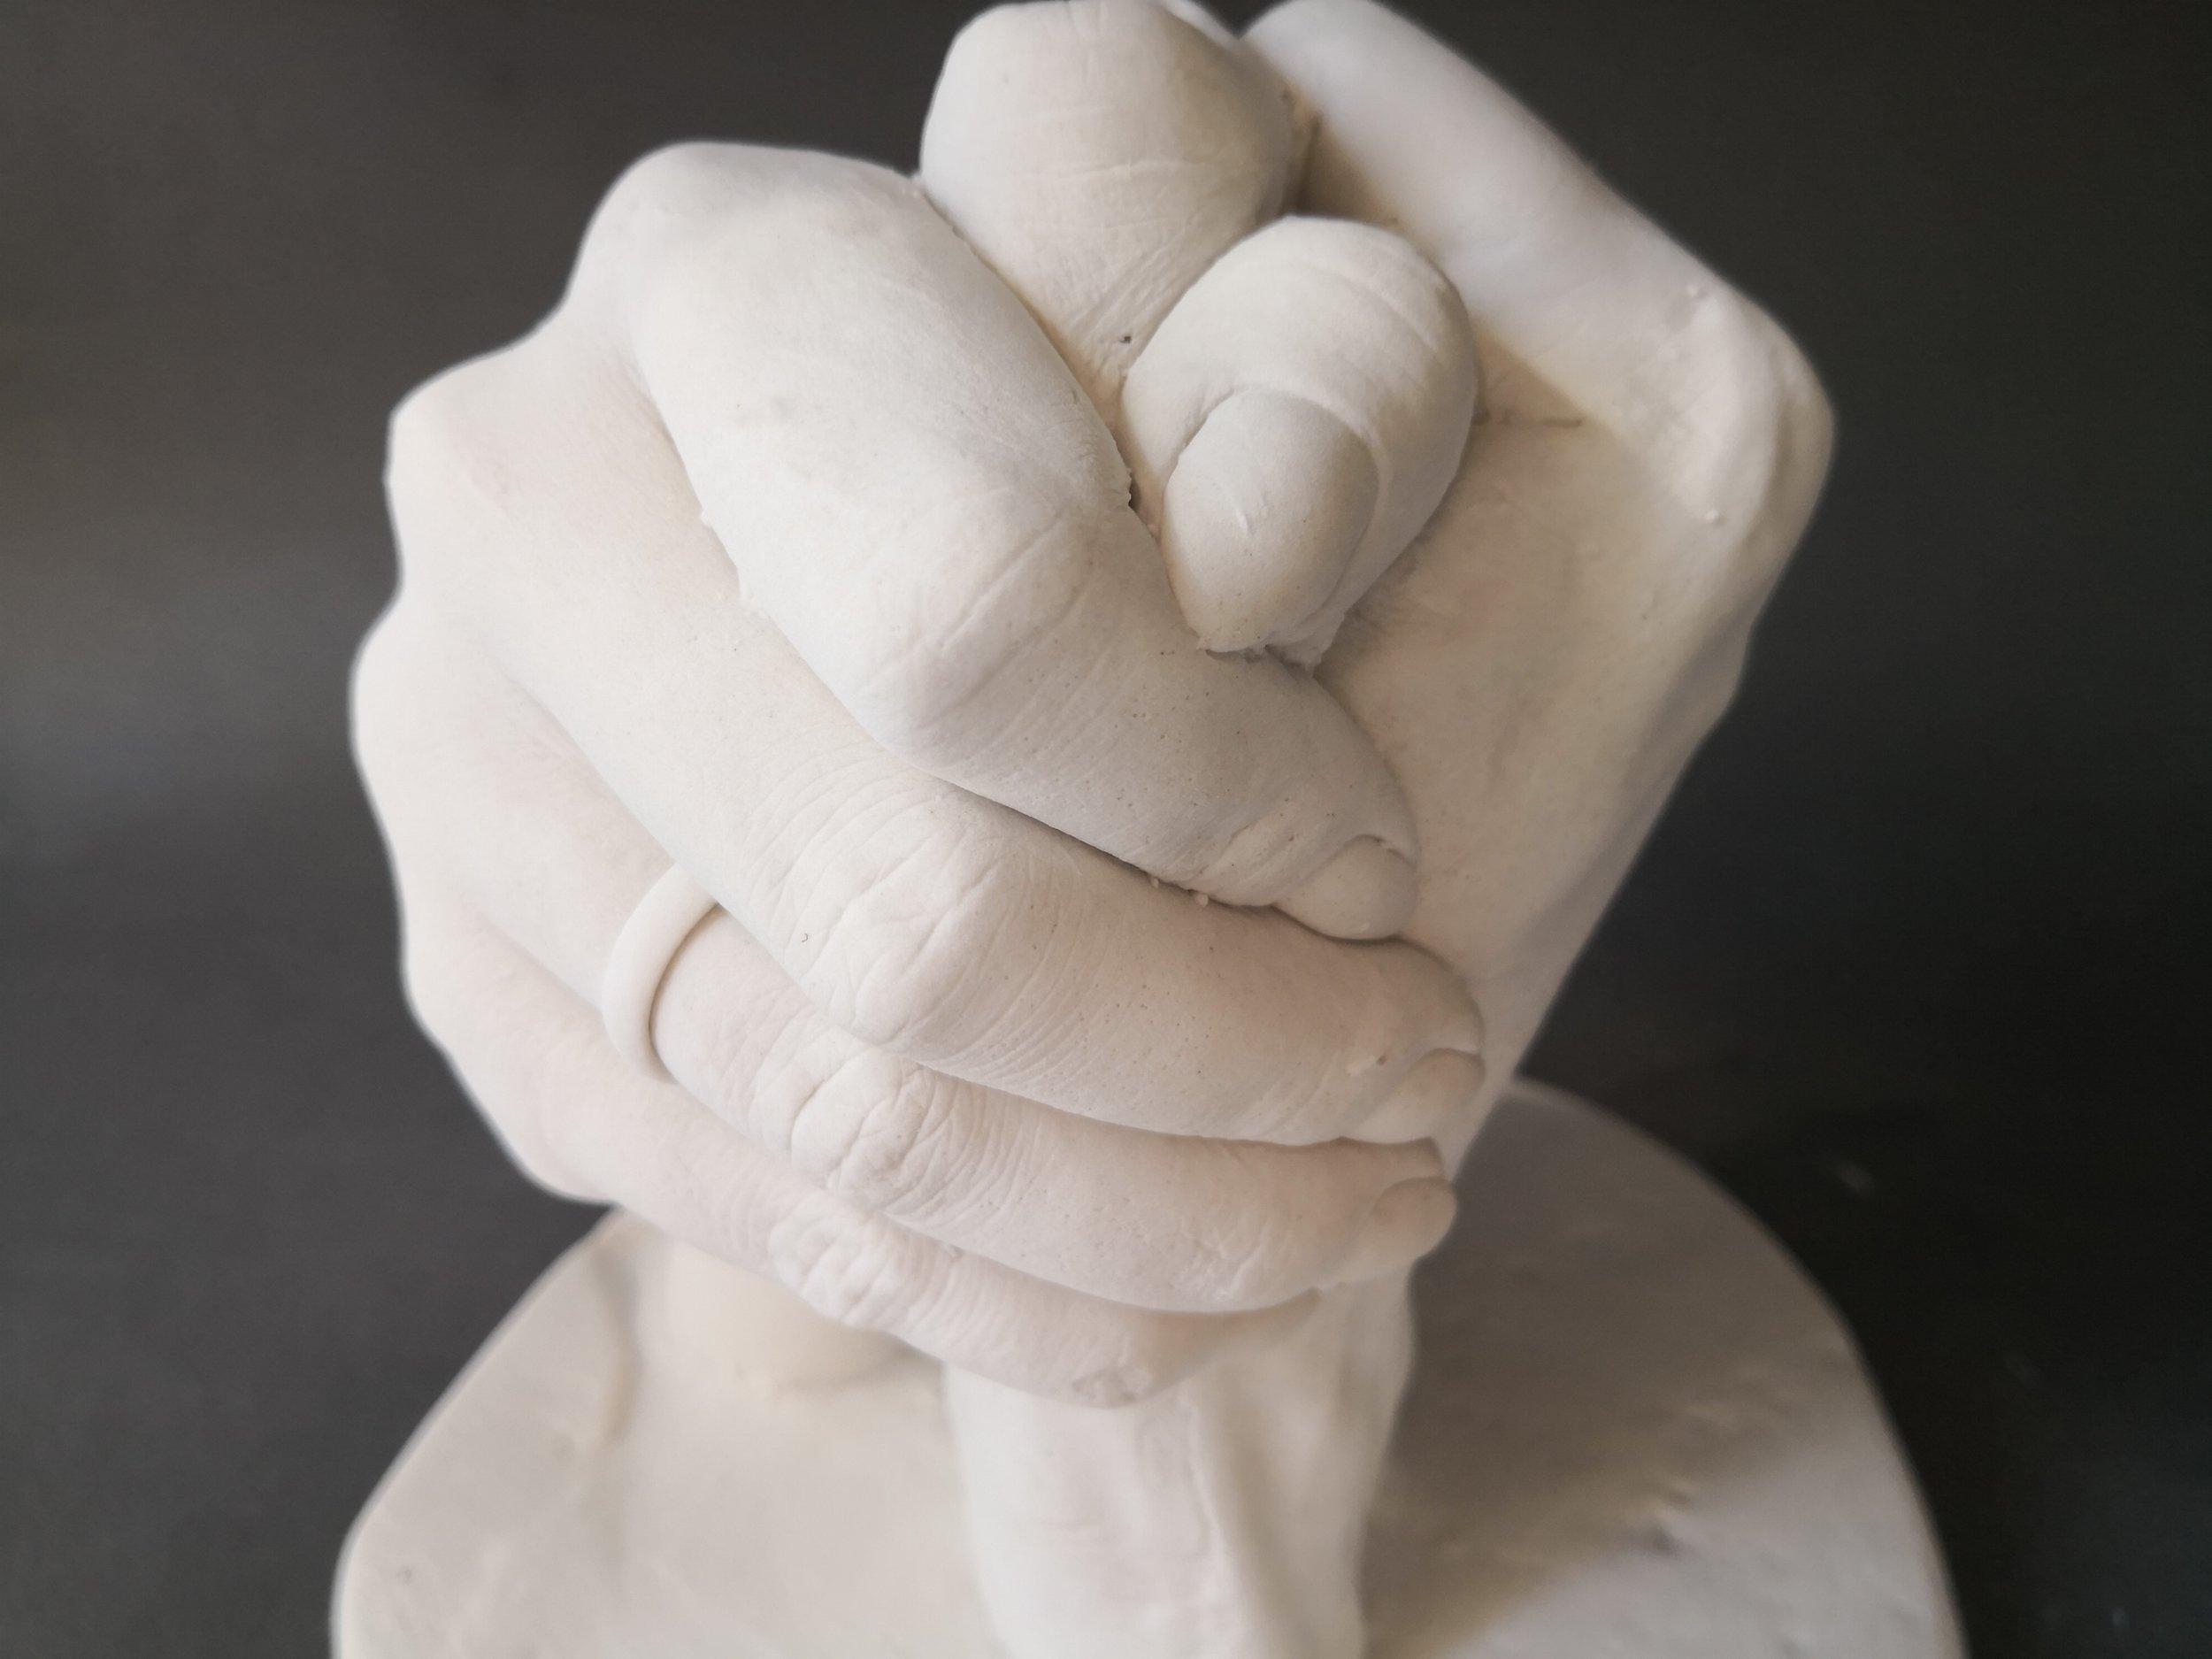 """Rokas atliešana ģipsī - Iespējams izveidot vienreizēju algināta veidni ar savu roku vai rokām, kurā pēc tam iespējams atliet ģipša figūru.Laiks: 40minCena : 60/80eur (1 vai 2 rokas)Process: Jūsu klātbūtnē tiek sajaukta gumijai līdzīga masa ar cietēšanas laiku 5min. Šajā masā jums jāieliek sava roka/rokas un nekustīgi jātur kamēr masa sacietē. Tad viegli kustinot pirkstus ir iespējams rokas izvilkt laukā. Šī gumijas masa ir droša ādai un arī gredzeniem. Pēc tam šai """"negatīva"""" veidnē atleju ģipša """"pozitīvu"""". Ģipsis cietā 30min-1h attiecīgi šo laiku varat uzkavēties darbnīcā vai izvēlēties saņemt darbu vēlāk pa pastu. Arī šis process ir ļoti tīrīgs, un rokas viegli nomazgājamas ar ziepēm.Nodarbību lūdzam pieteikt iepriekš caur FACEBOOK BOOK NOW OPCIJU."""